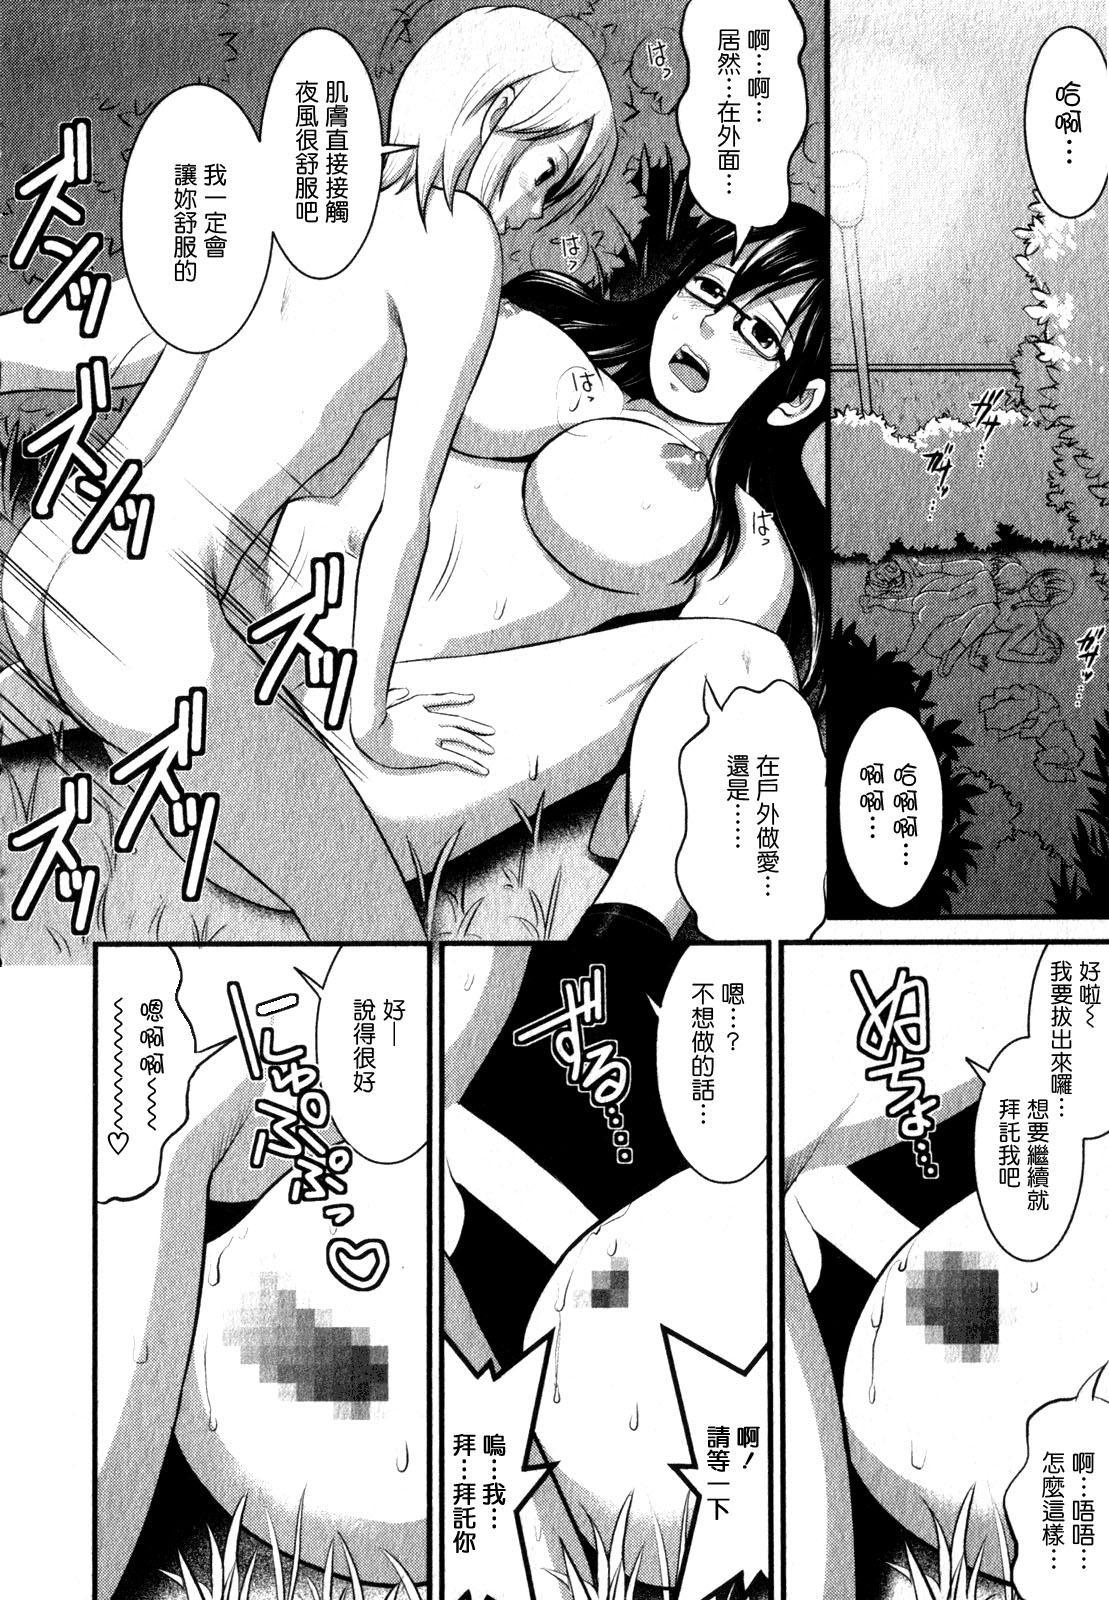 Otaku no Megami-san 1 59